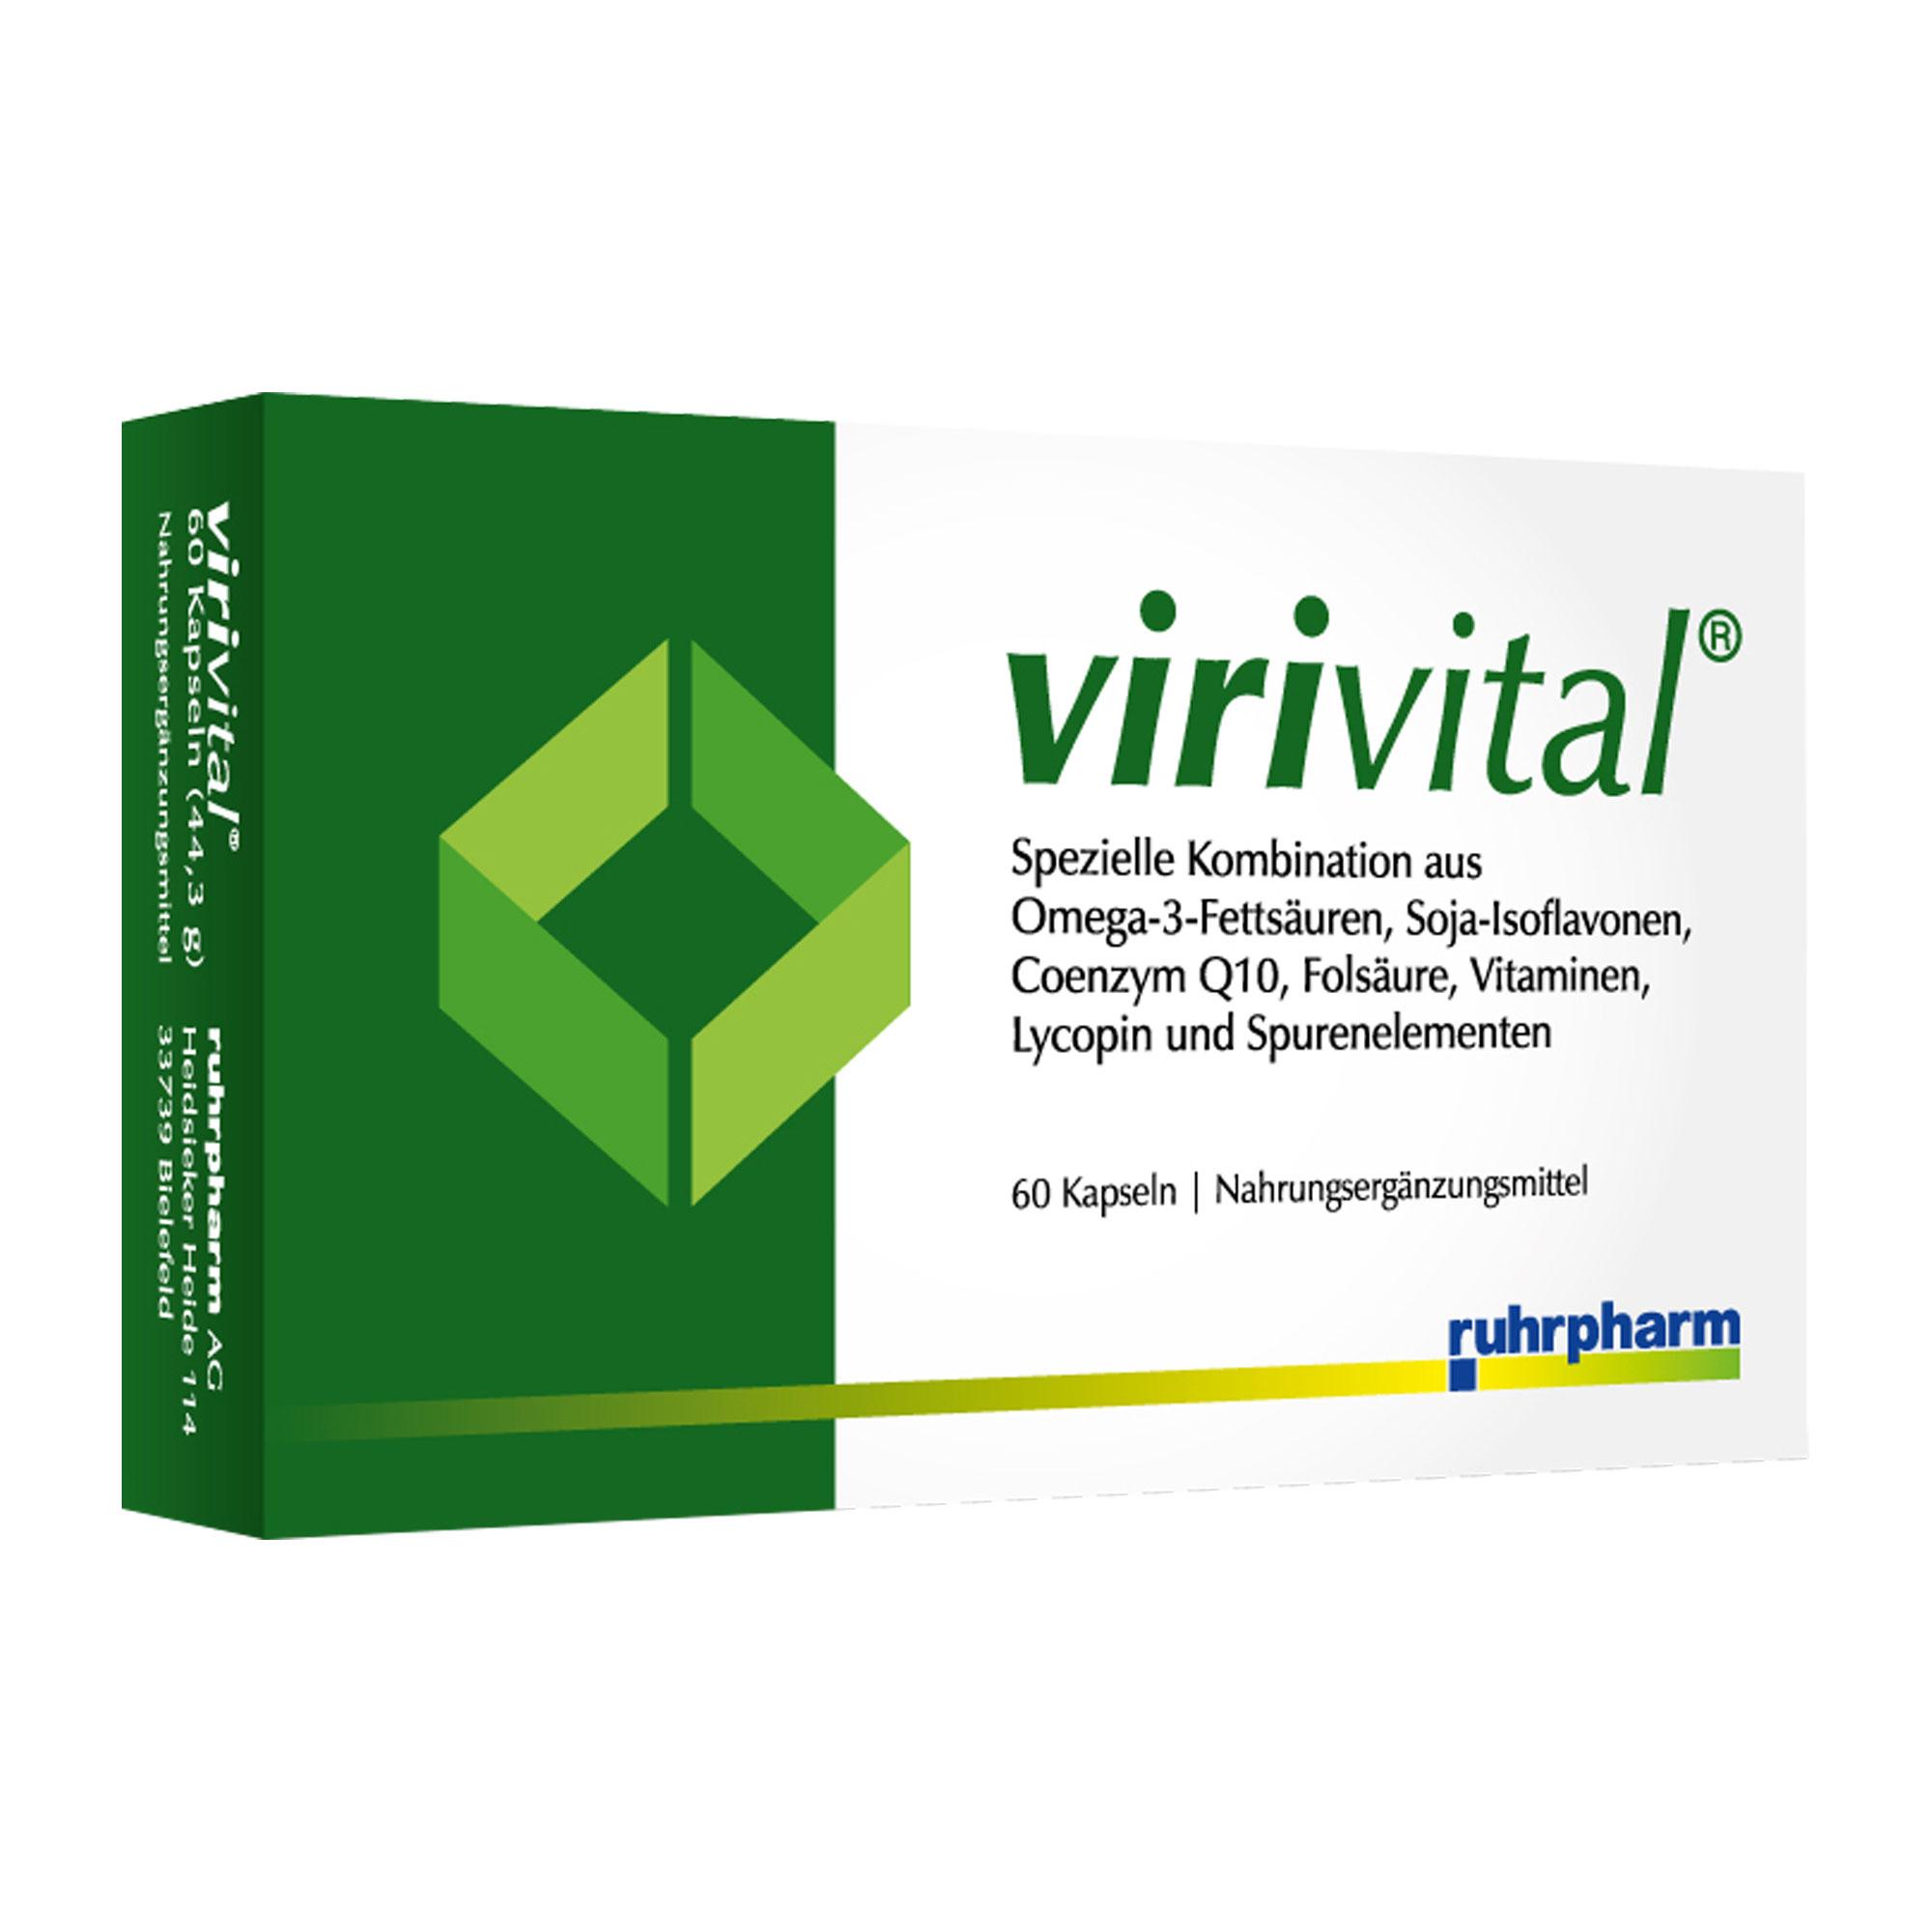 Virivital